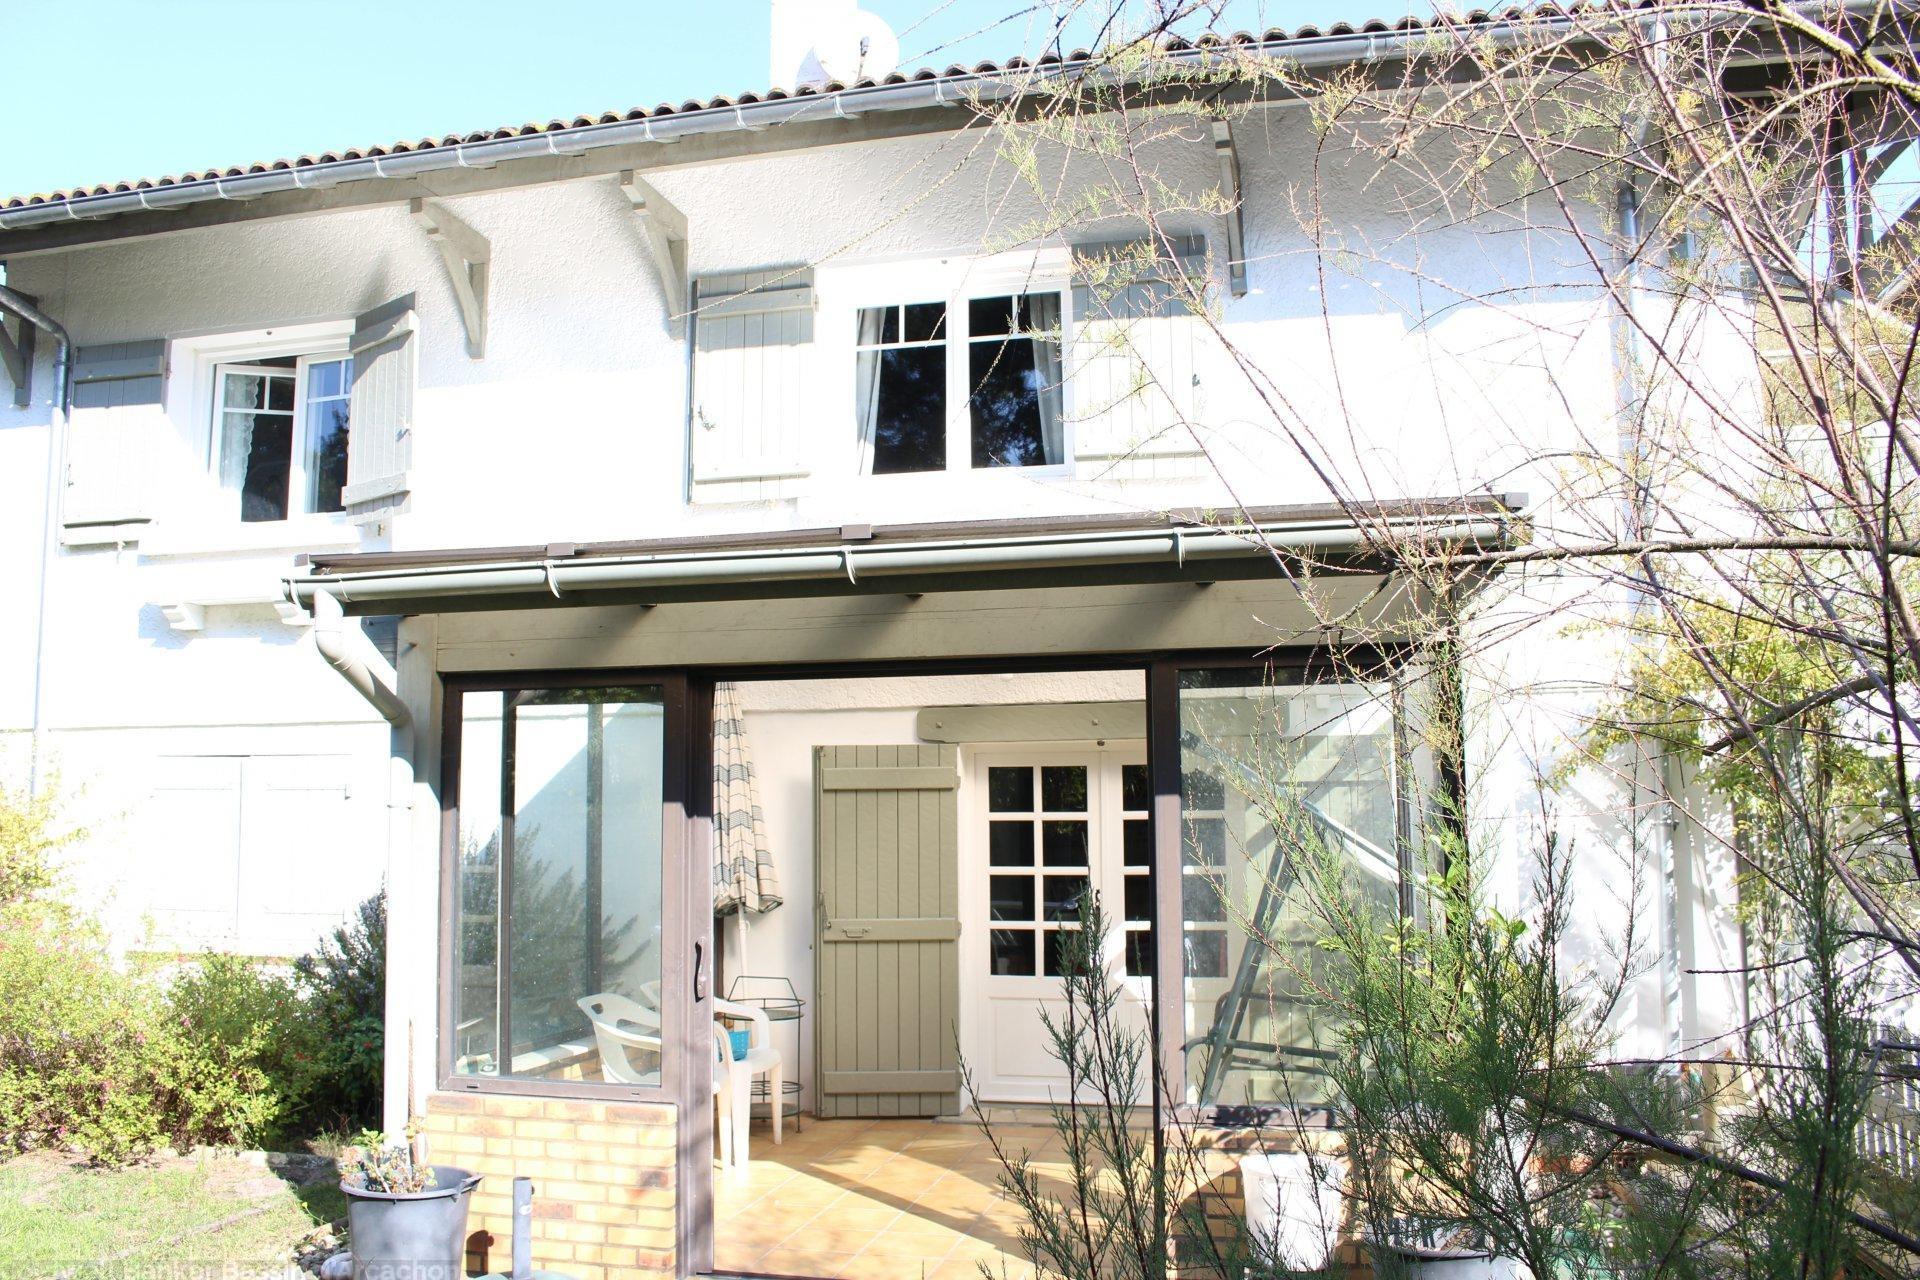 maison familiale 5 chambres plus de 150 m2 a vendre bassin d'arcachon